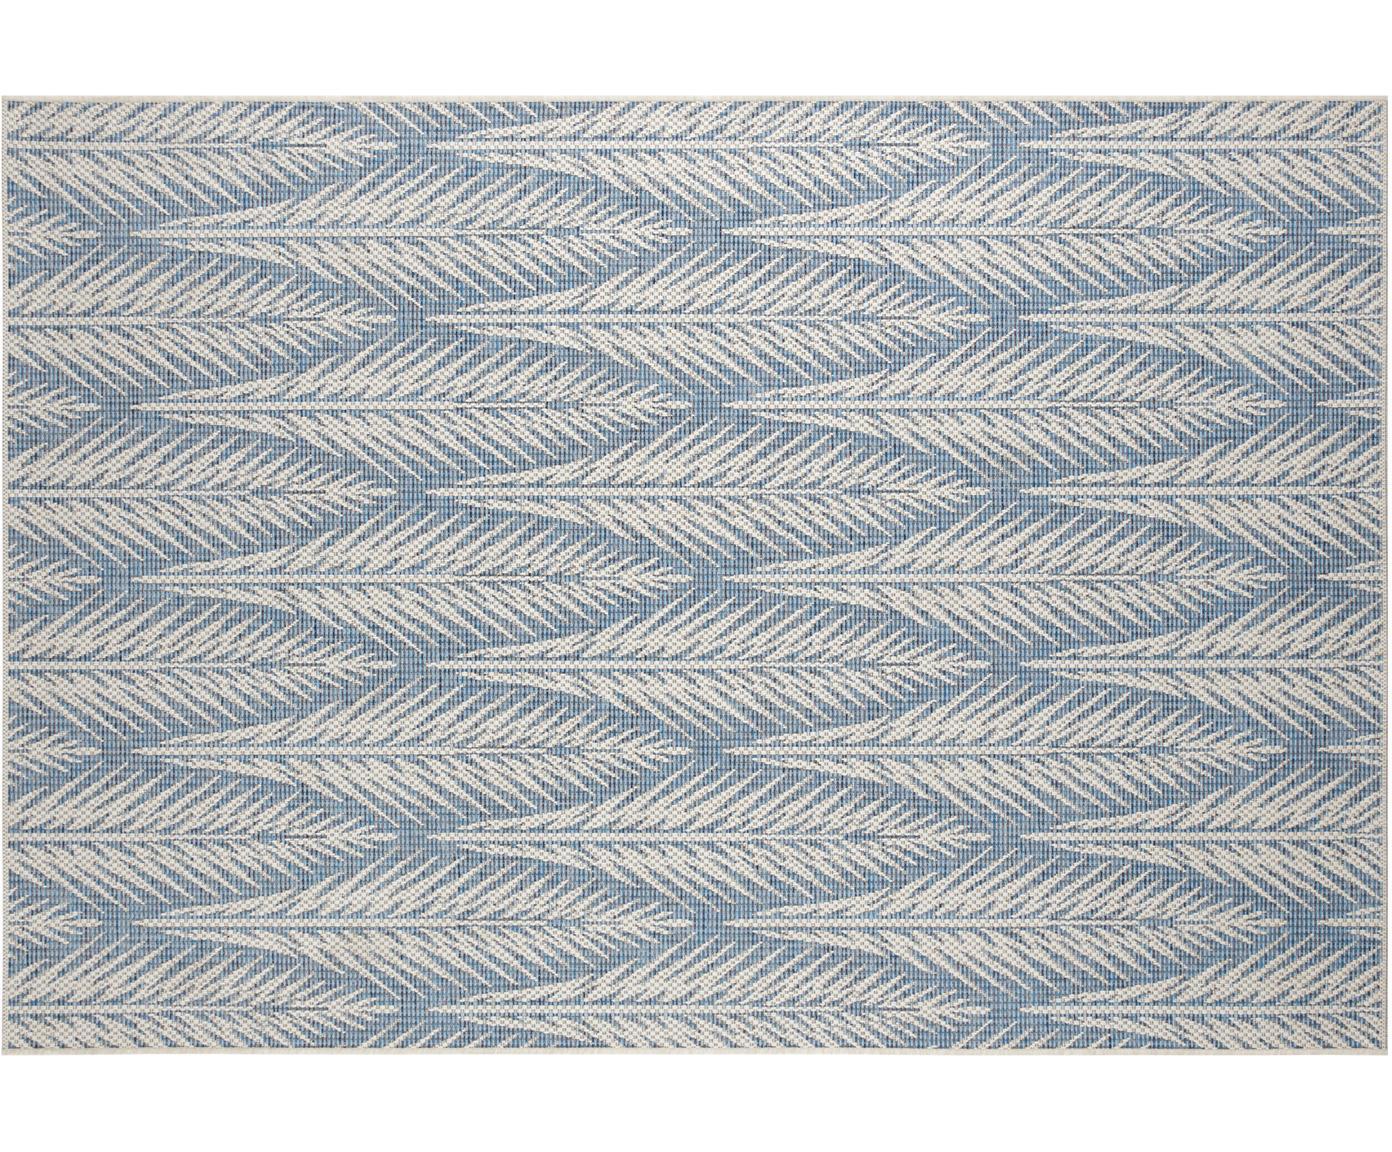 Design In- & Outdoor-Teppich Pella mit grafischem Muster, 100% Polypropylen, Blau, Beige, B 70 x L 140 cm (Größe XS)